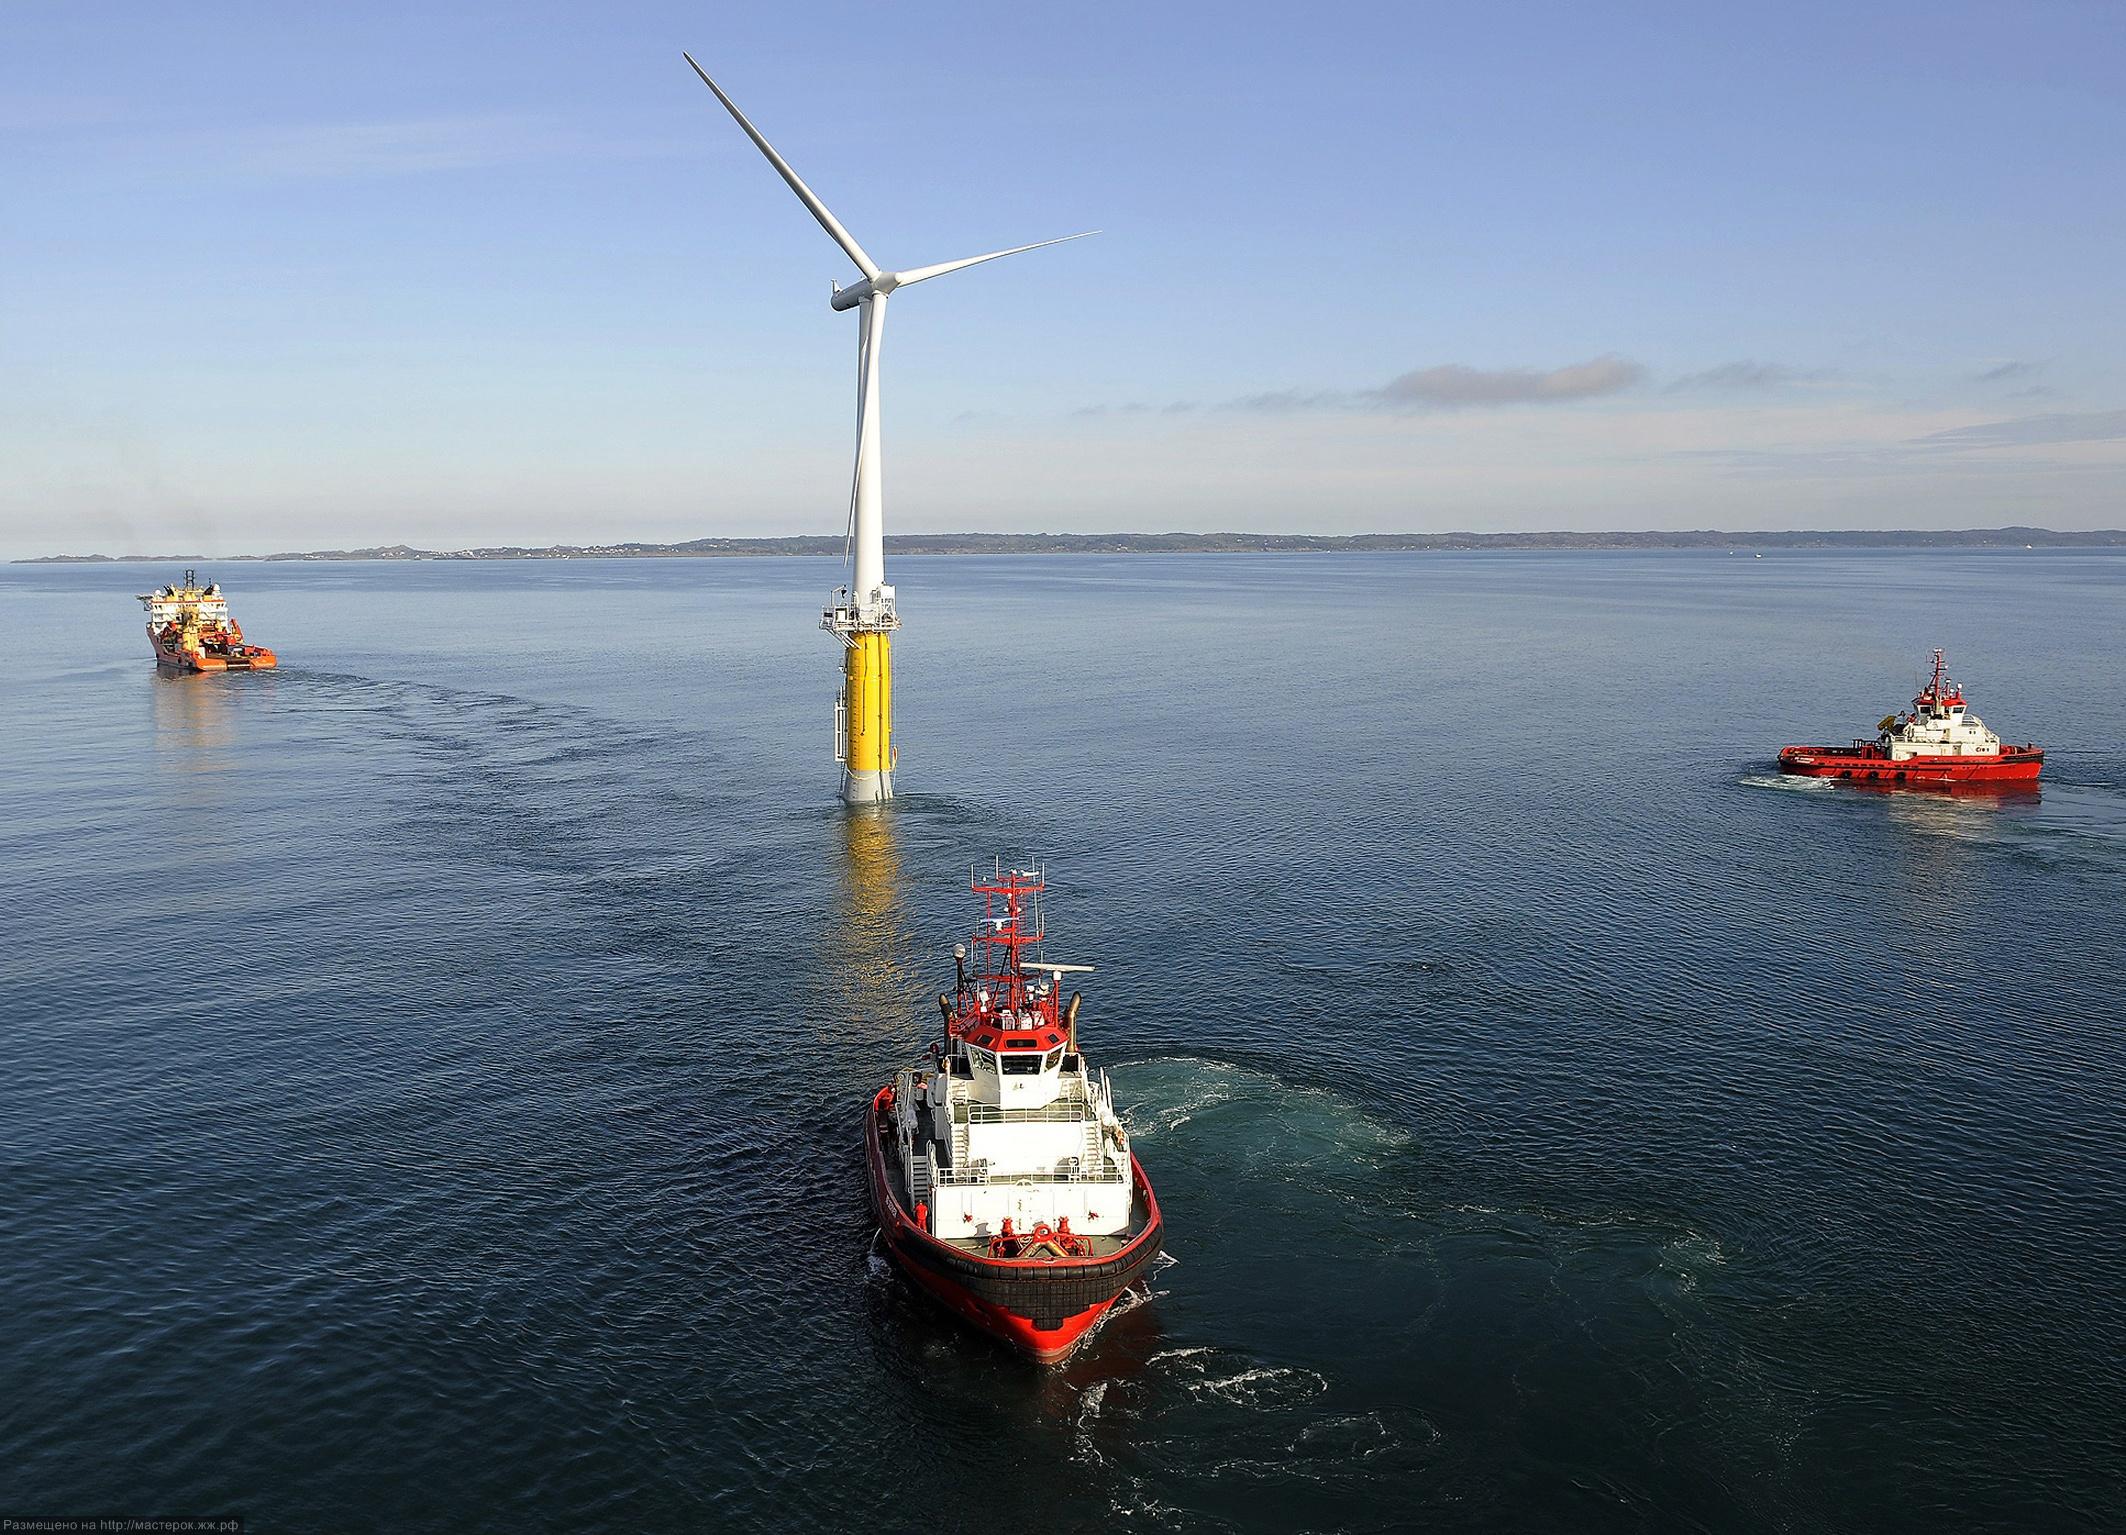 Hywind: Siemens und StatoilHydro installieren erste schwimmende Windenergieanlage / Hywind: Siemens and StatoilHydro install first floating wind turbine